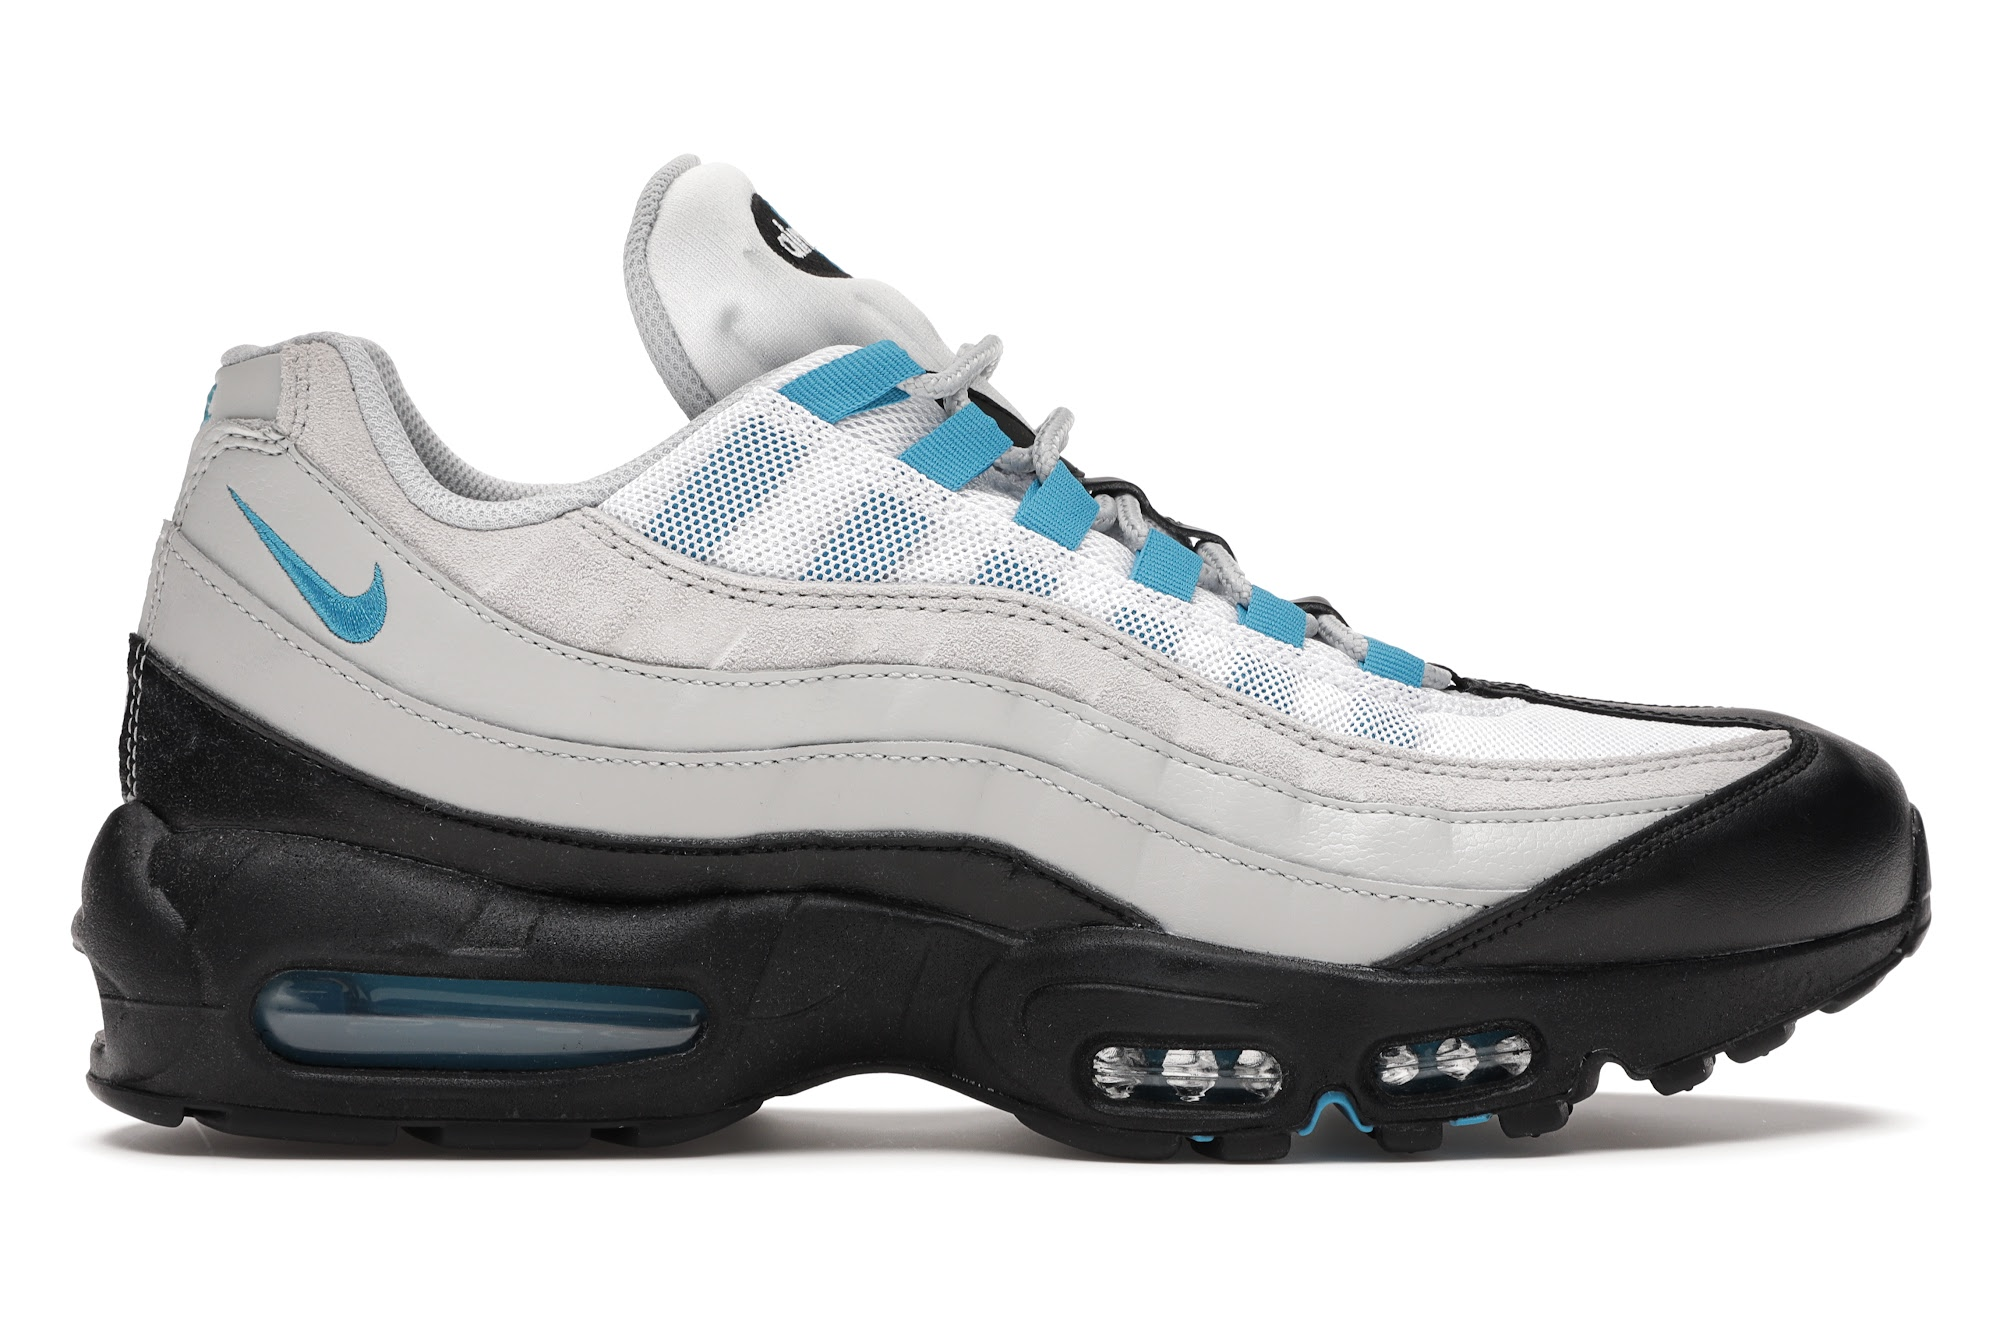 Nike Air Max 95 Laser Blue (2020)